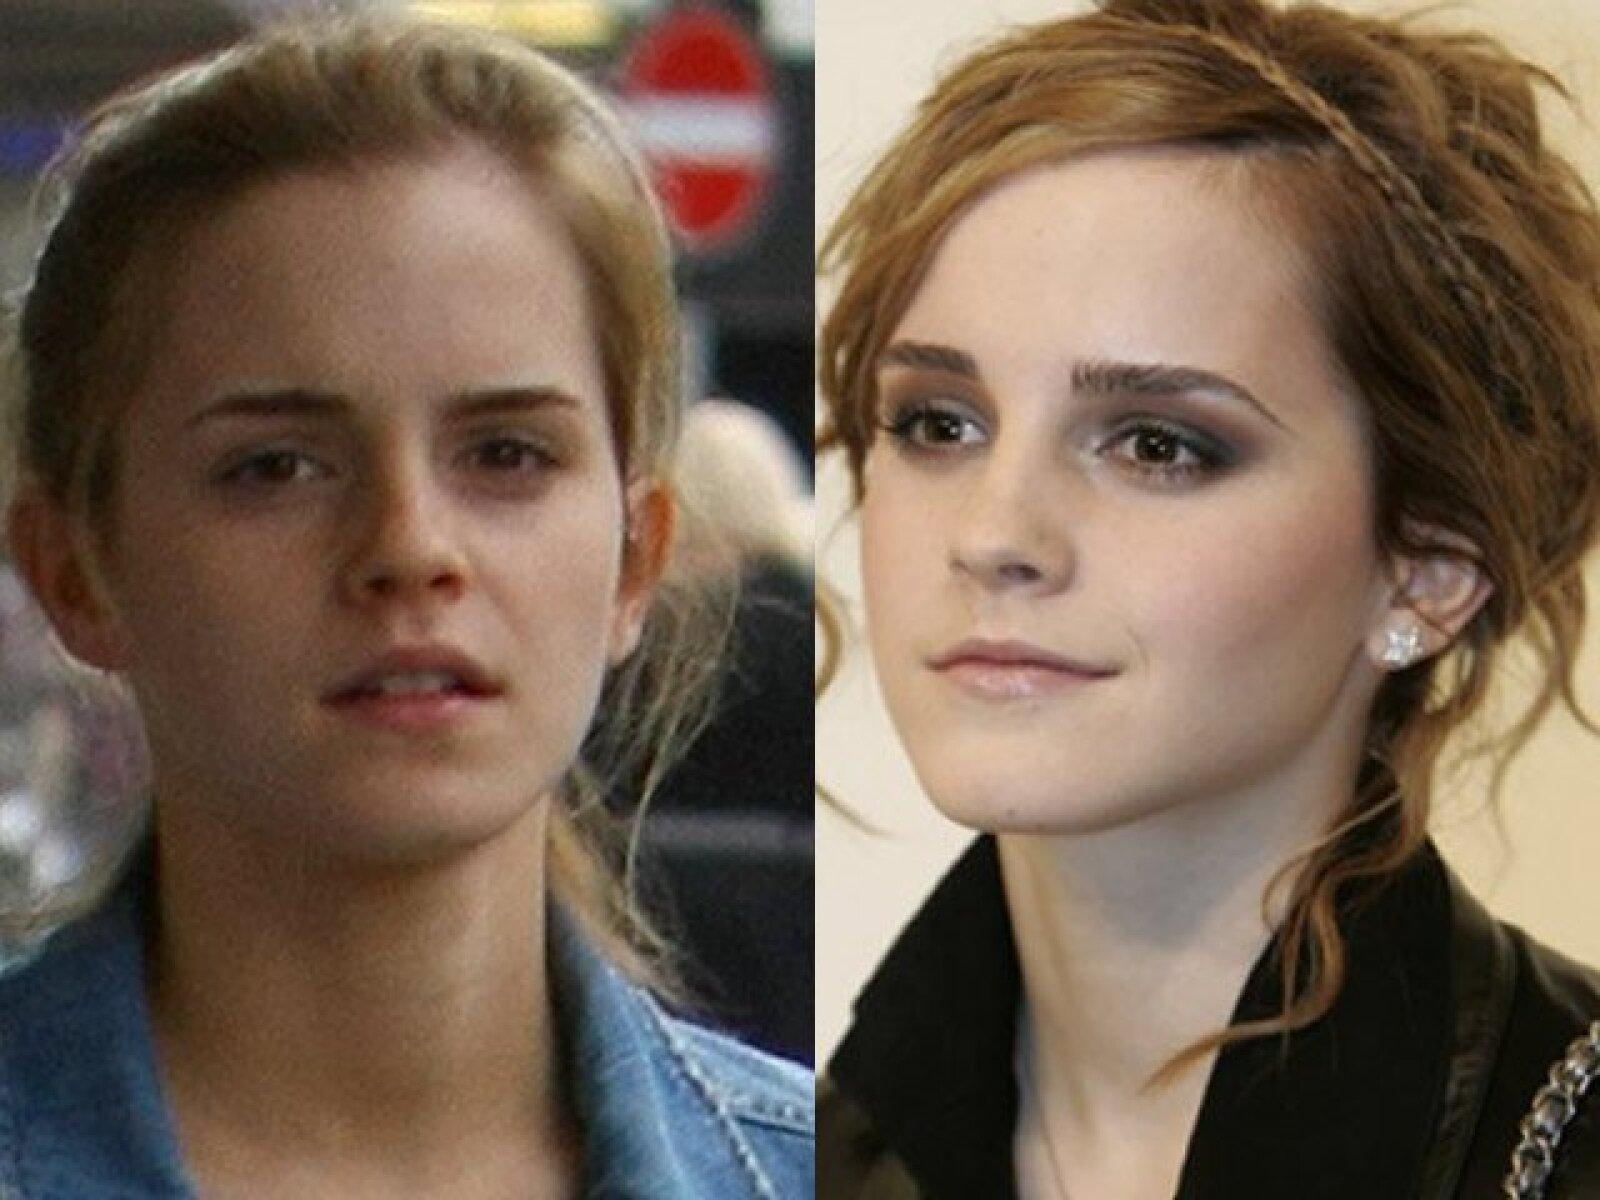 Aunque Emma  Watson es muy joven como para requerir demasiado maquillaje, la realidad es que ya estamos acostumbrados a verla muy bien pintada.